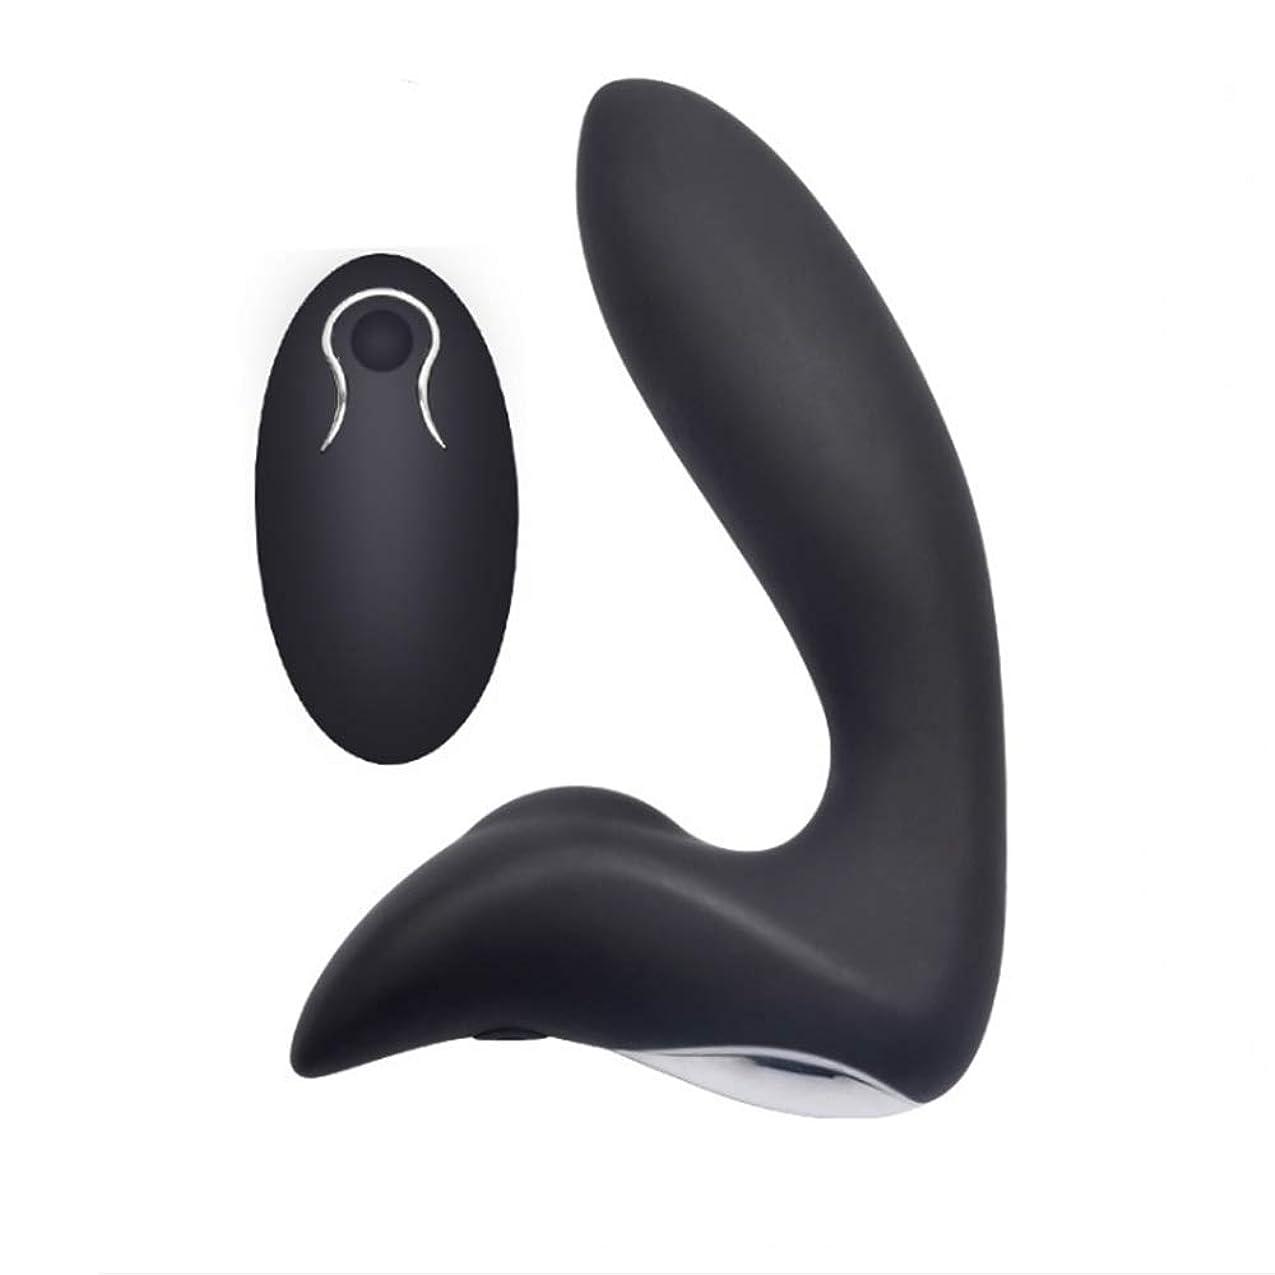 抵当差し引く未亡人電気式マッサージ器前立腺マッサージ器黒色リモートコントロール付き12周波数感受性領域は静かな防水性大人を刺激する